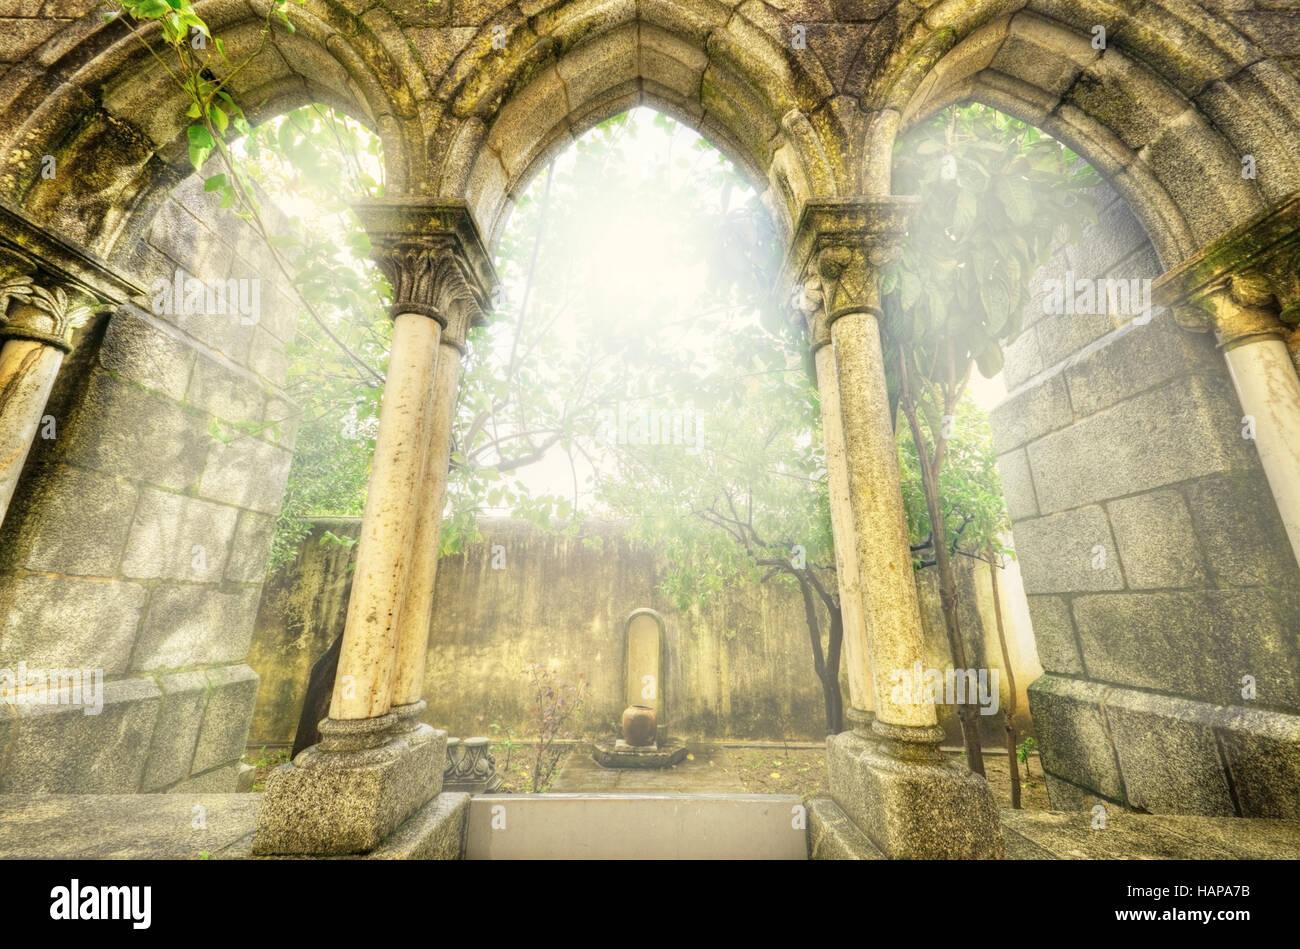 Los antiguos arcos góticos en el myst. Paisaje de fantasía en Évora, Portugal. Imagen De Stock